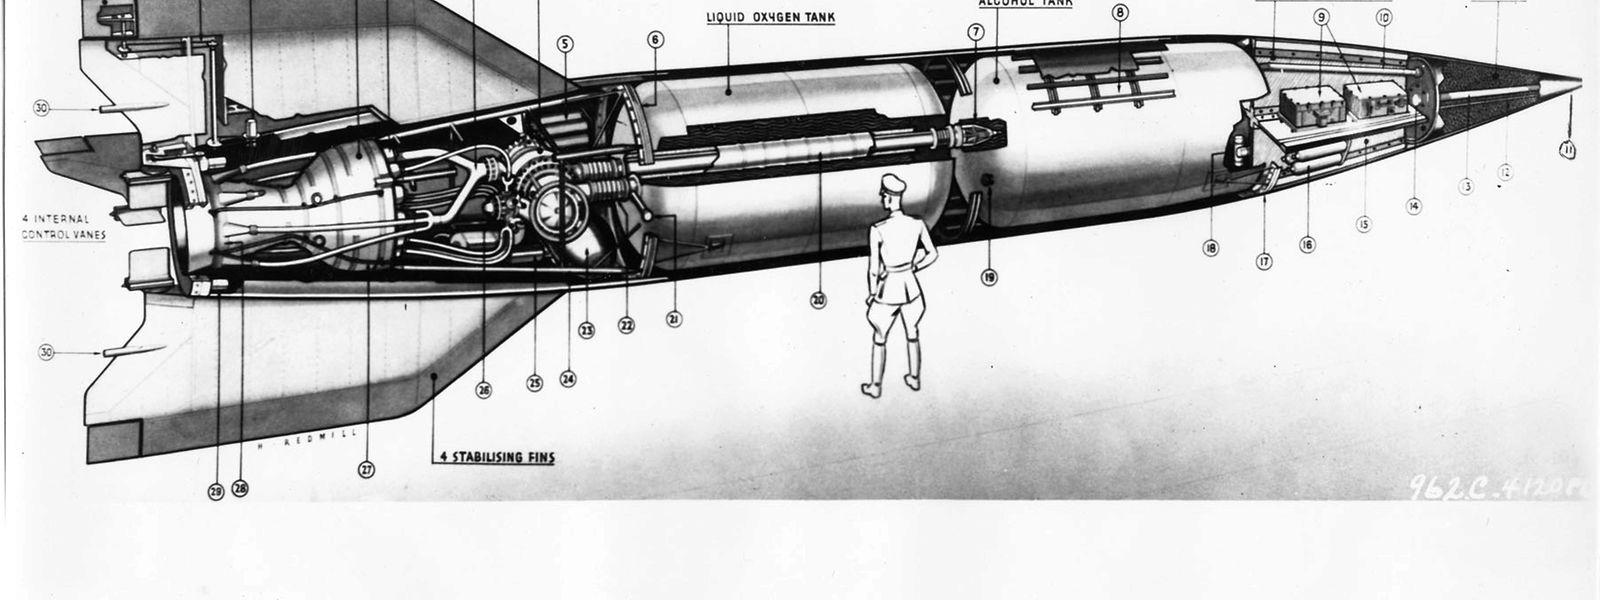 Mit den deutschen Vergeltungswaffen, hier eine Rekonstruktion der US Air Force, wurden im Zweiten Weltkrieg westeuropäische Städte, darunter etwa London und Antwerpen, bombardiert. Die Raketen forderten tausende Opfer.